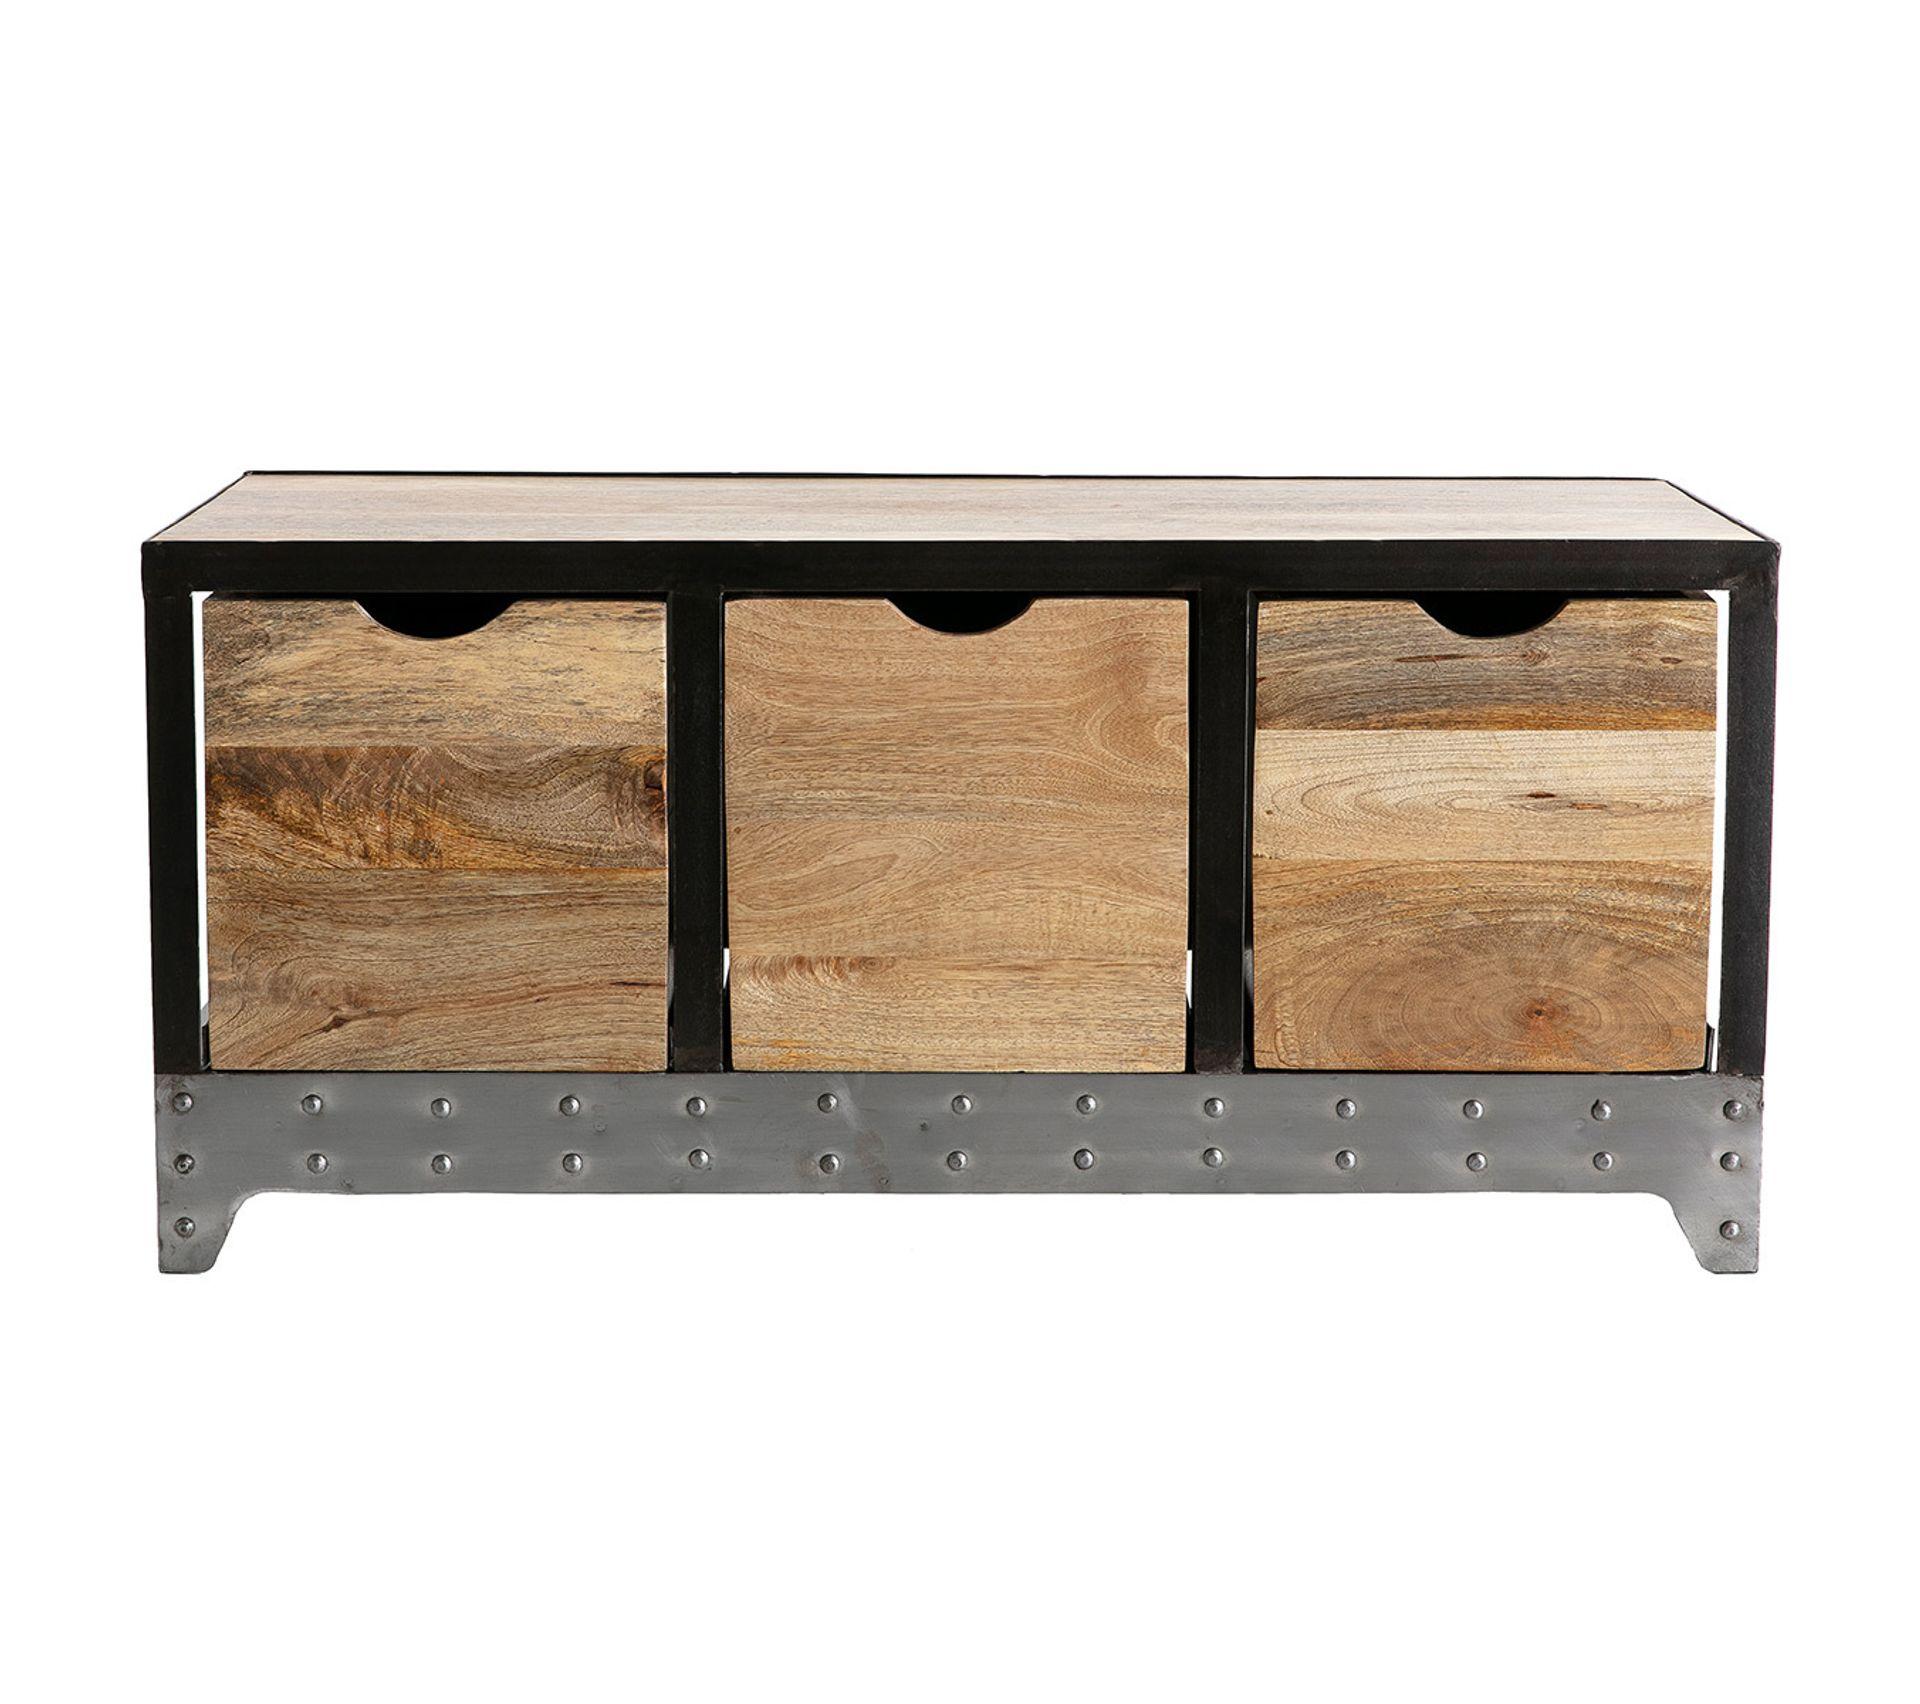 Rangement Pour Le Bois meuble rangement / chaussures industriel bois massif et métal atelier